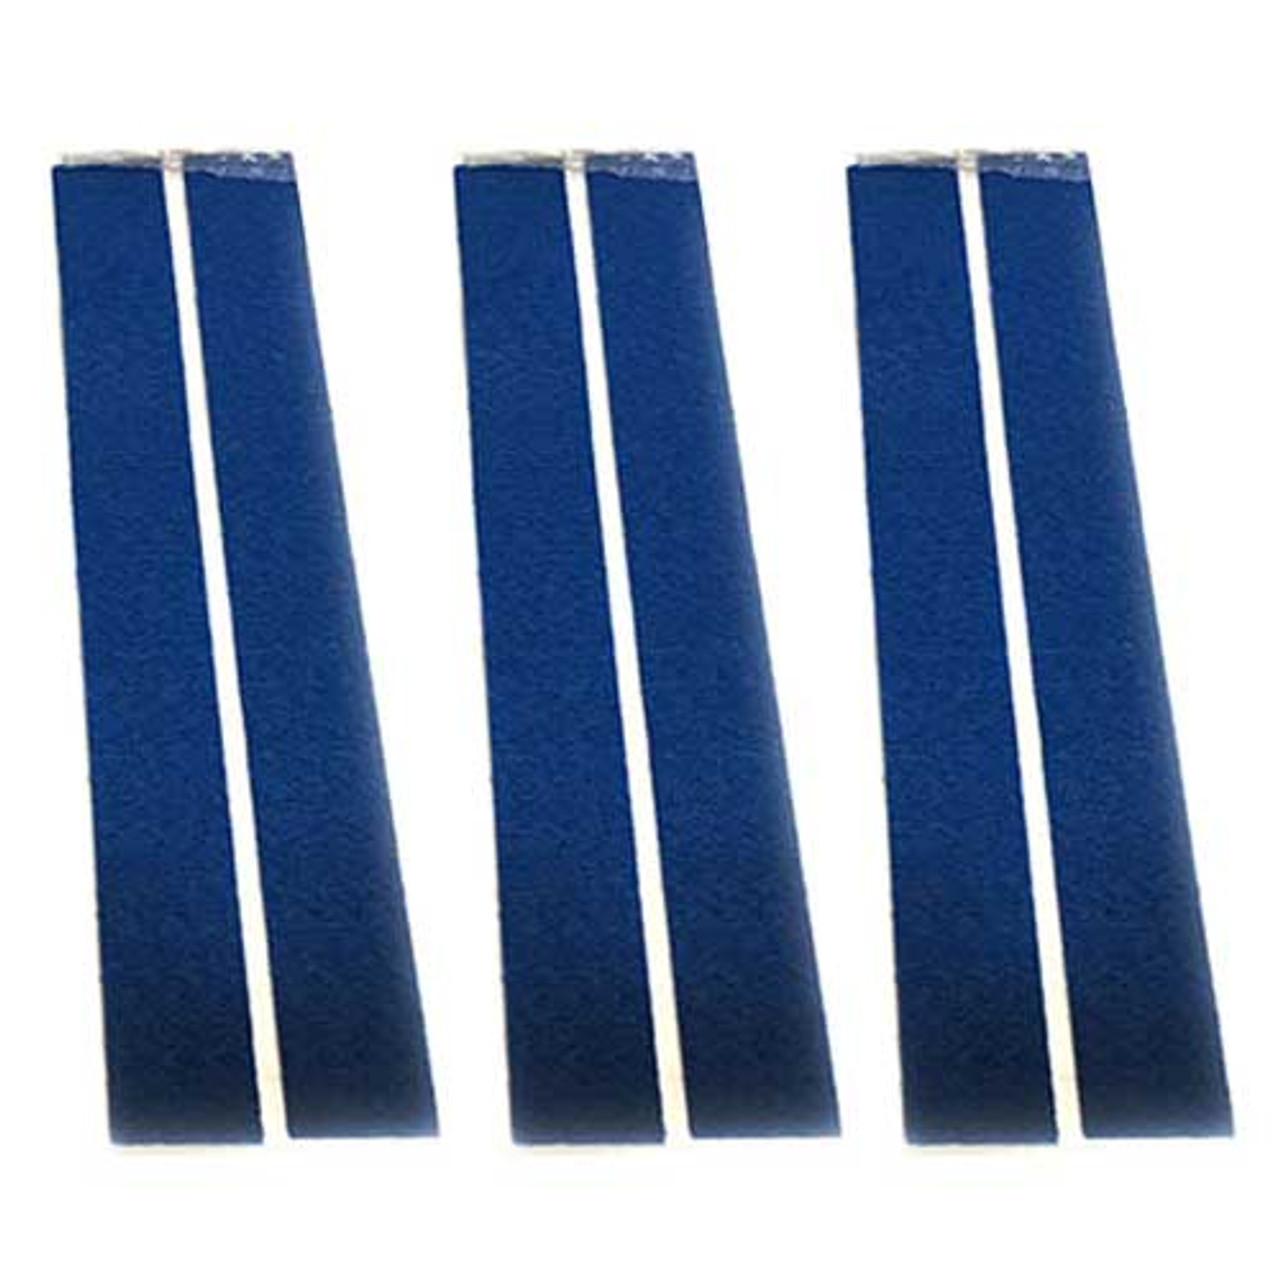 PLP  Blue Felt Strips - 6 Pack - 8003490